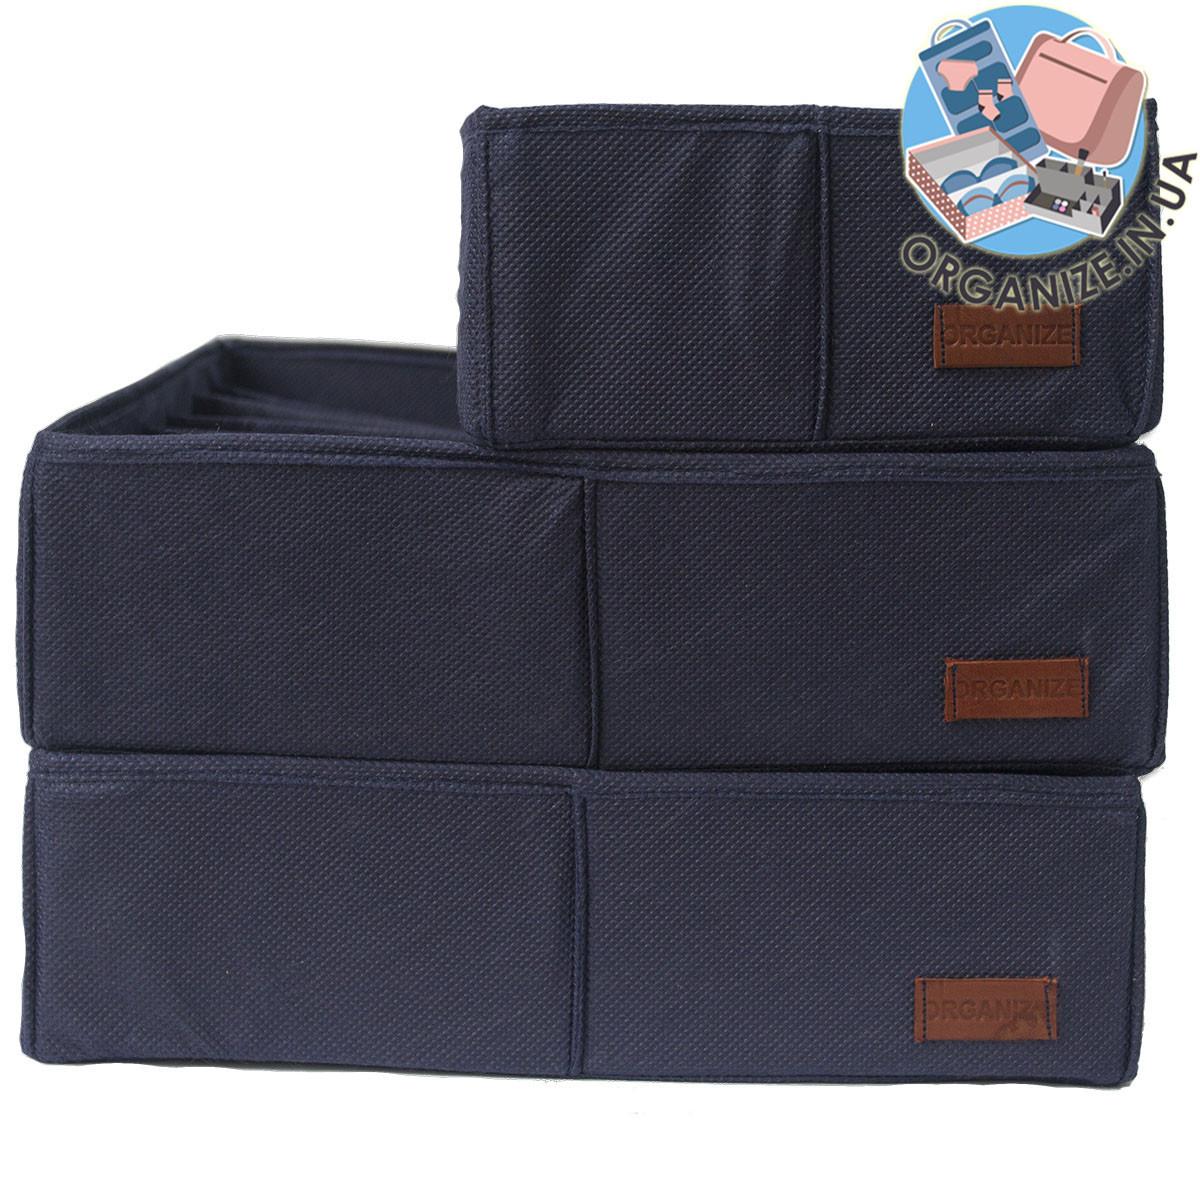 Набор органайзеров  для нижнего белья 3 шт ORGANIZE (джинс)